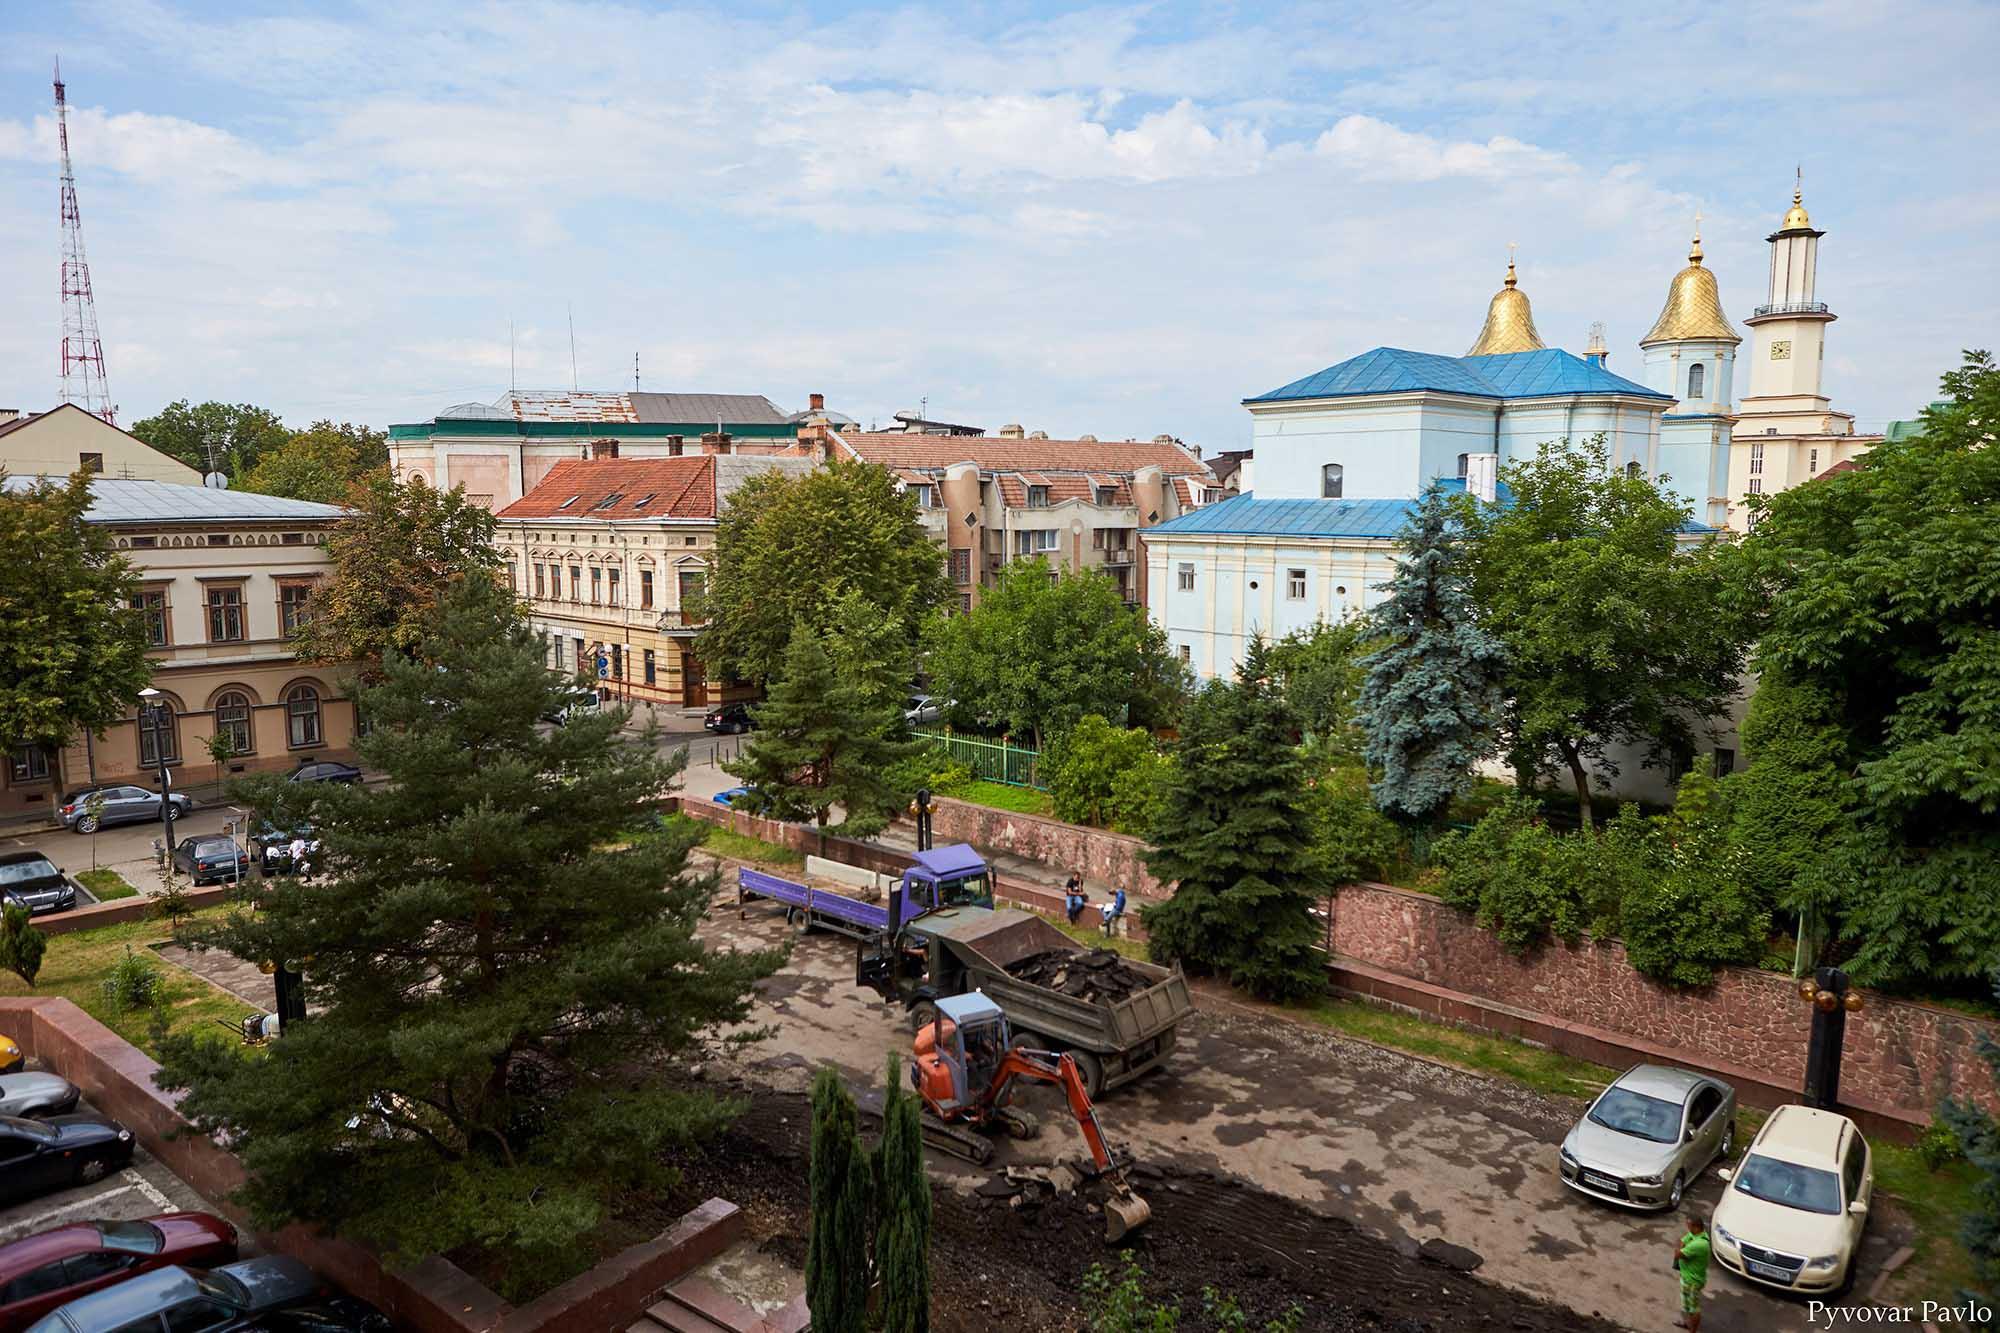 У центрі Франківська облаштовують парковку для туристичних автобусів (ФОТО)